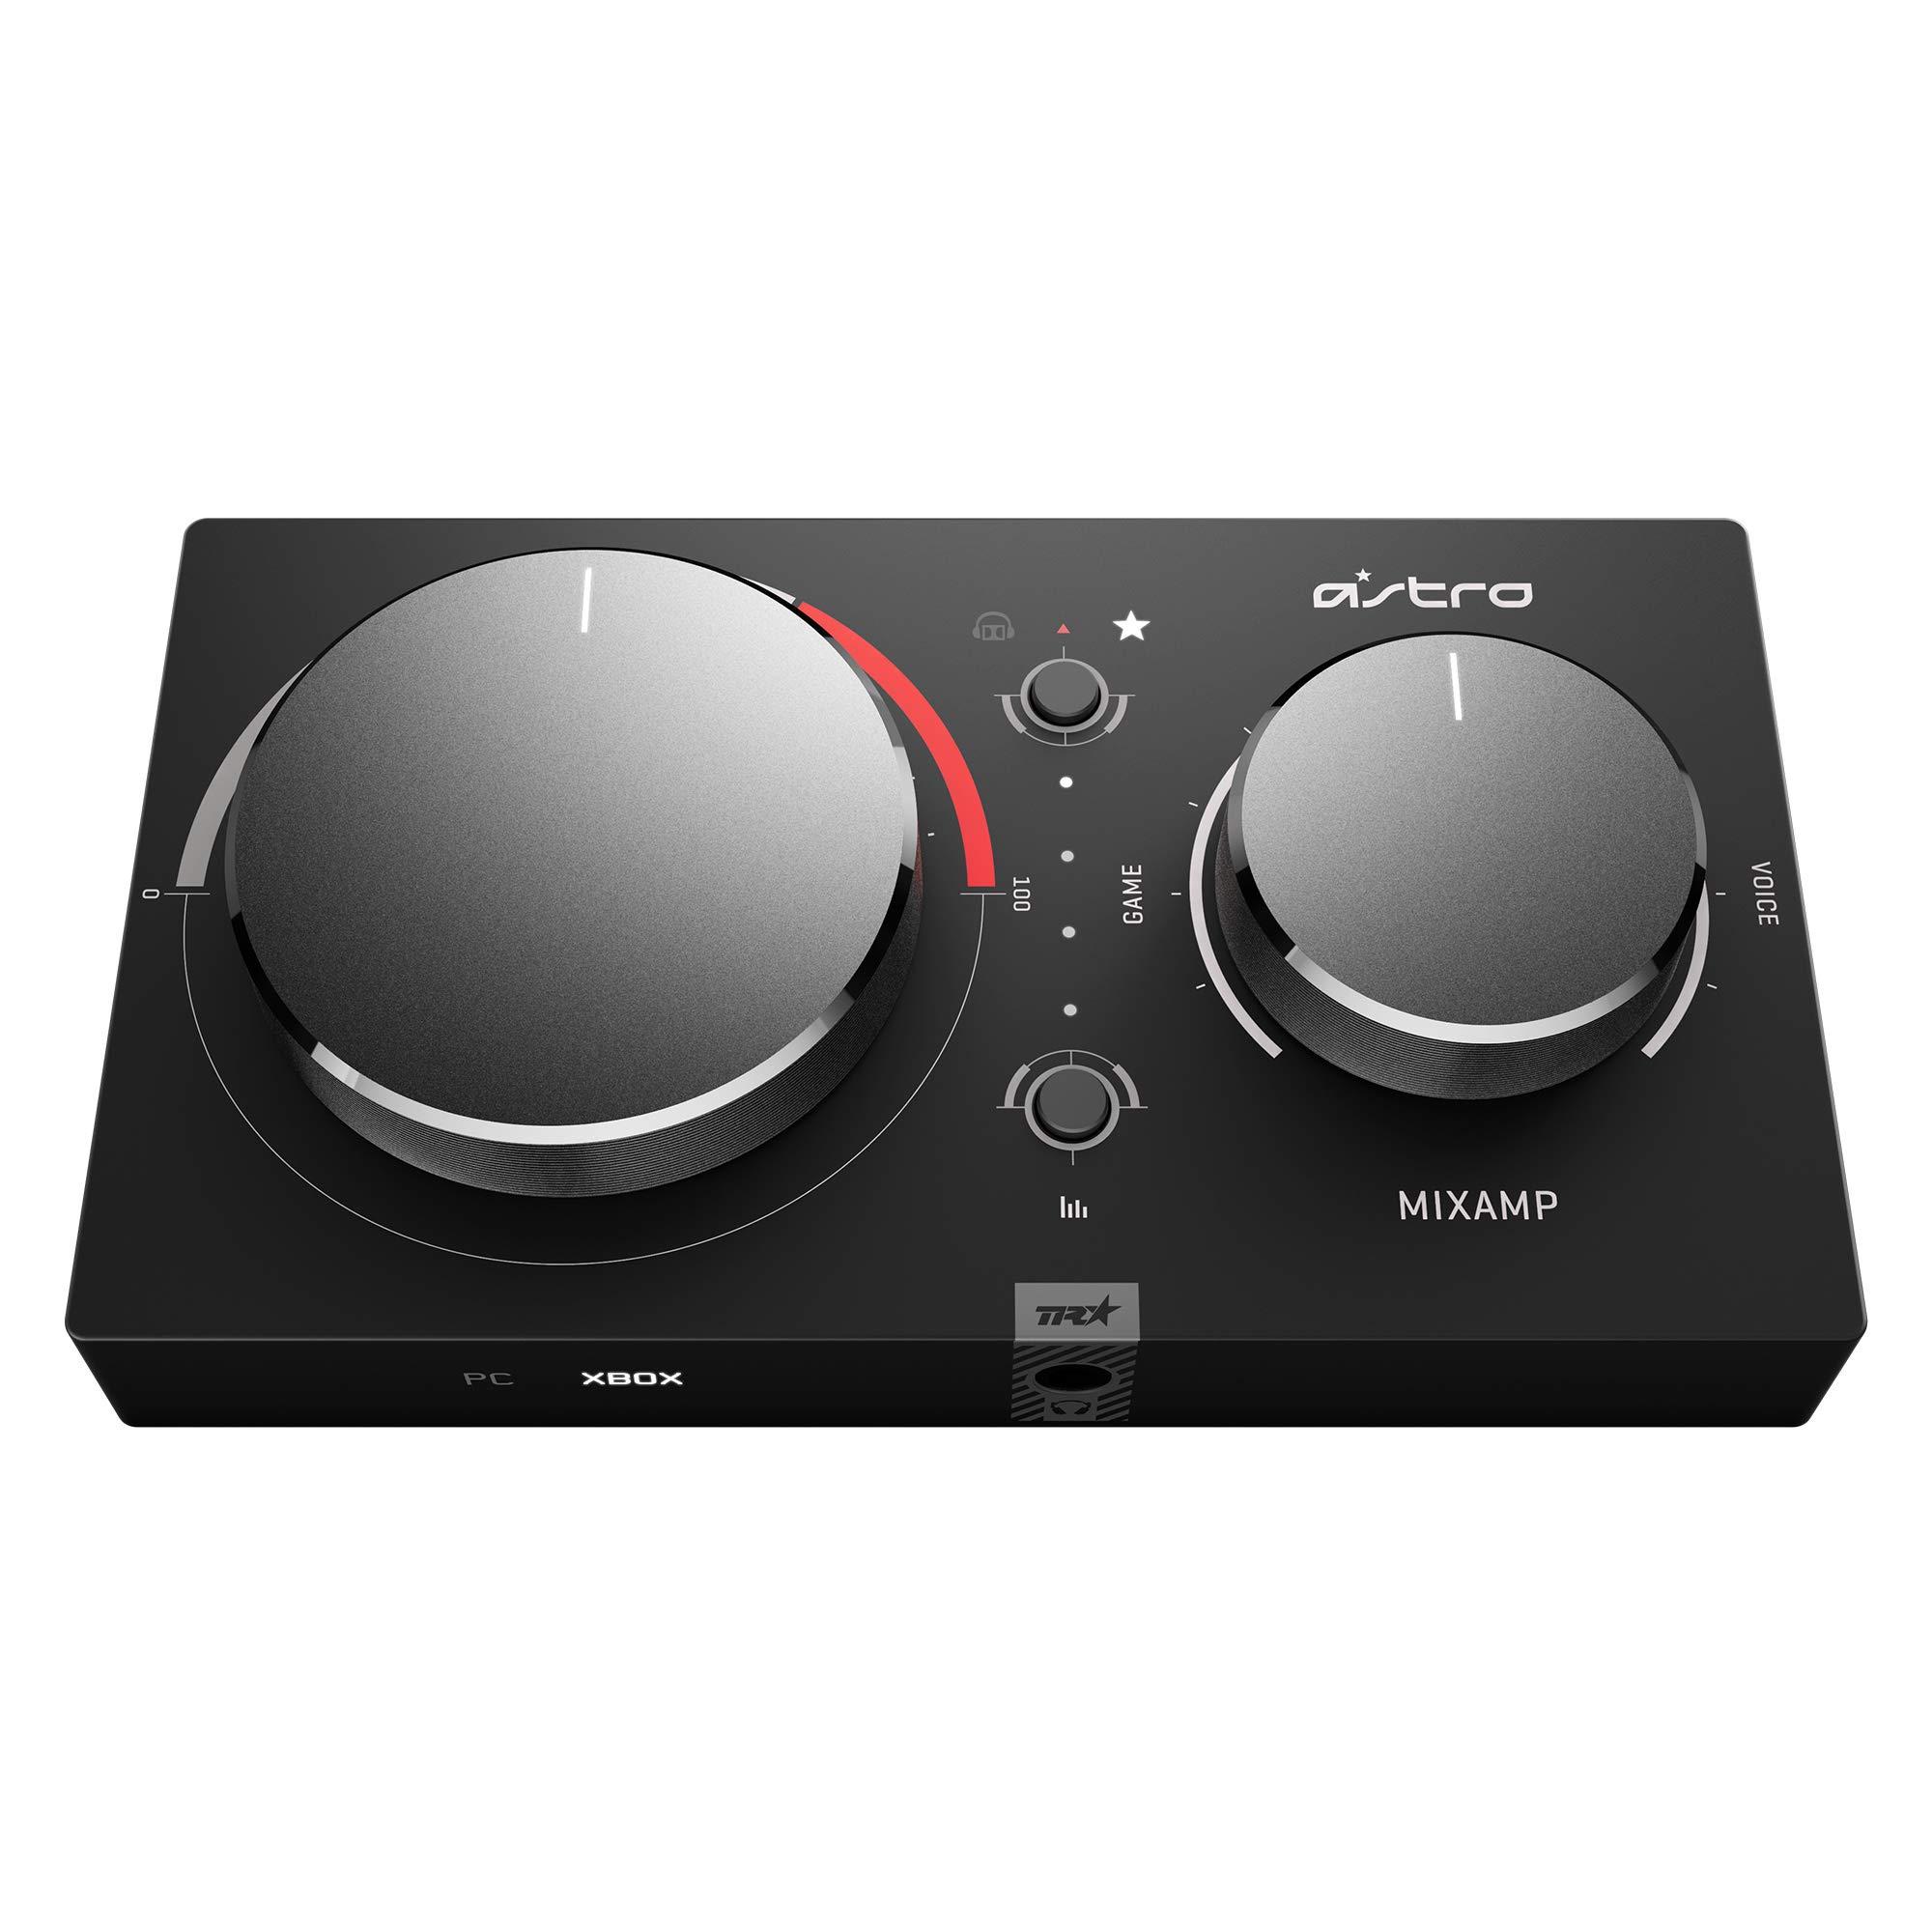 Astro Gaming - MixAmp Pro TR, Gen 4, Sonido Dolby Digital Surround, Salida de Stream Personalizable, Listo para Astro Command Center Software, PC/Mac/Xbox One, Negro/Rojo: Amazon.es: Electrónica